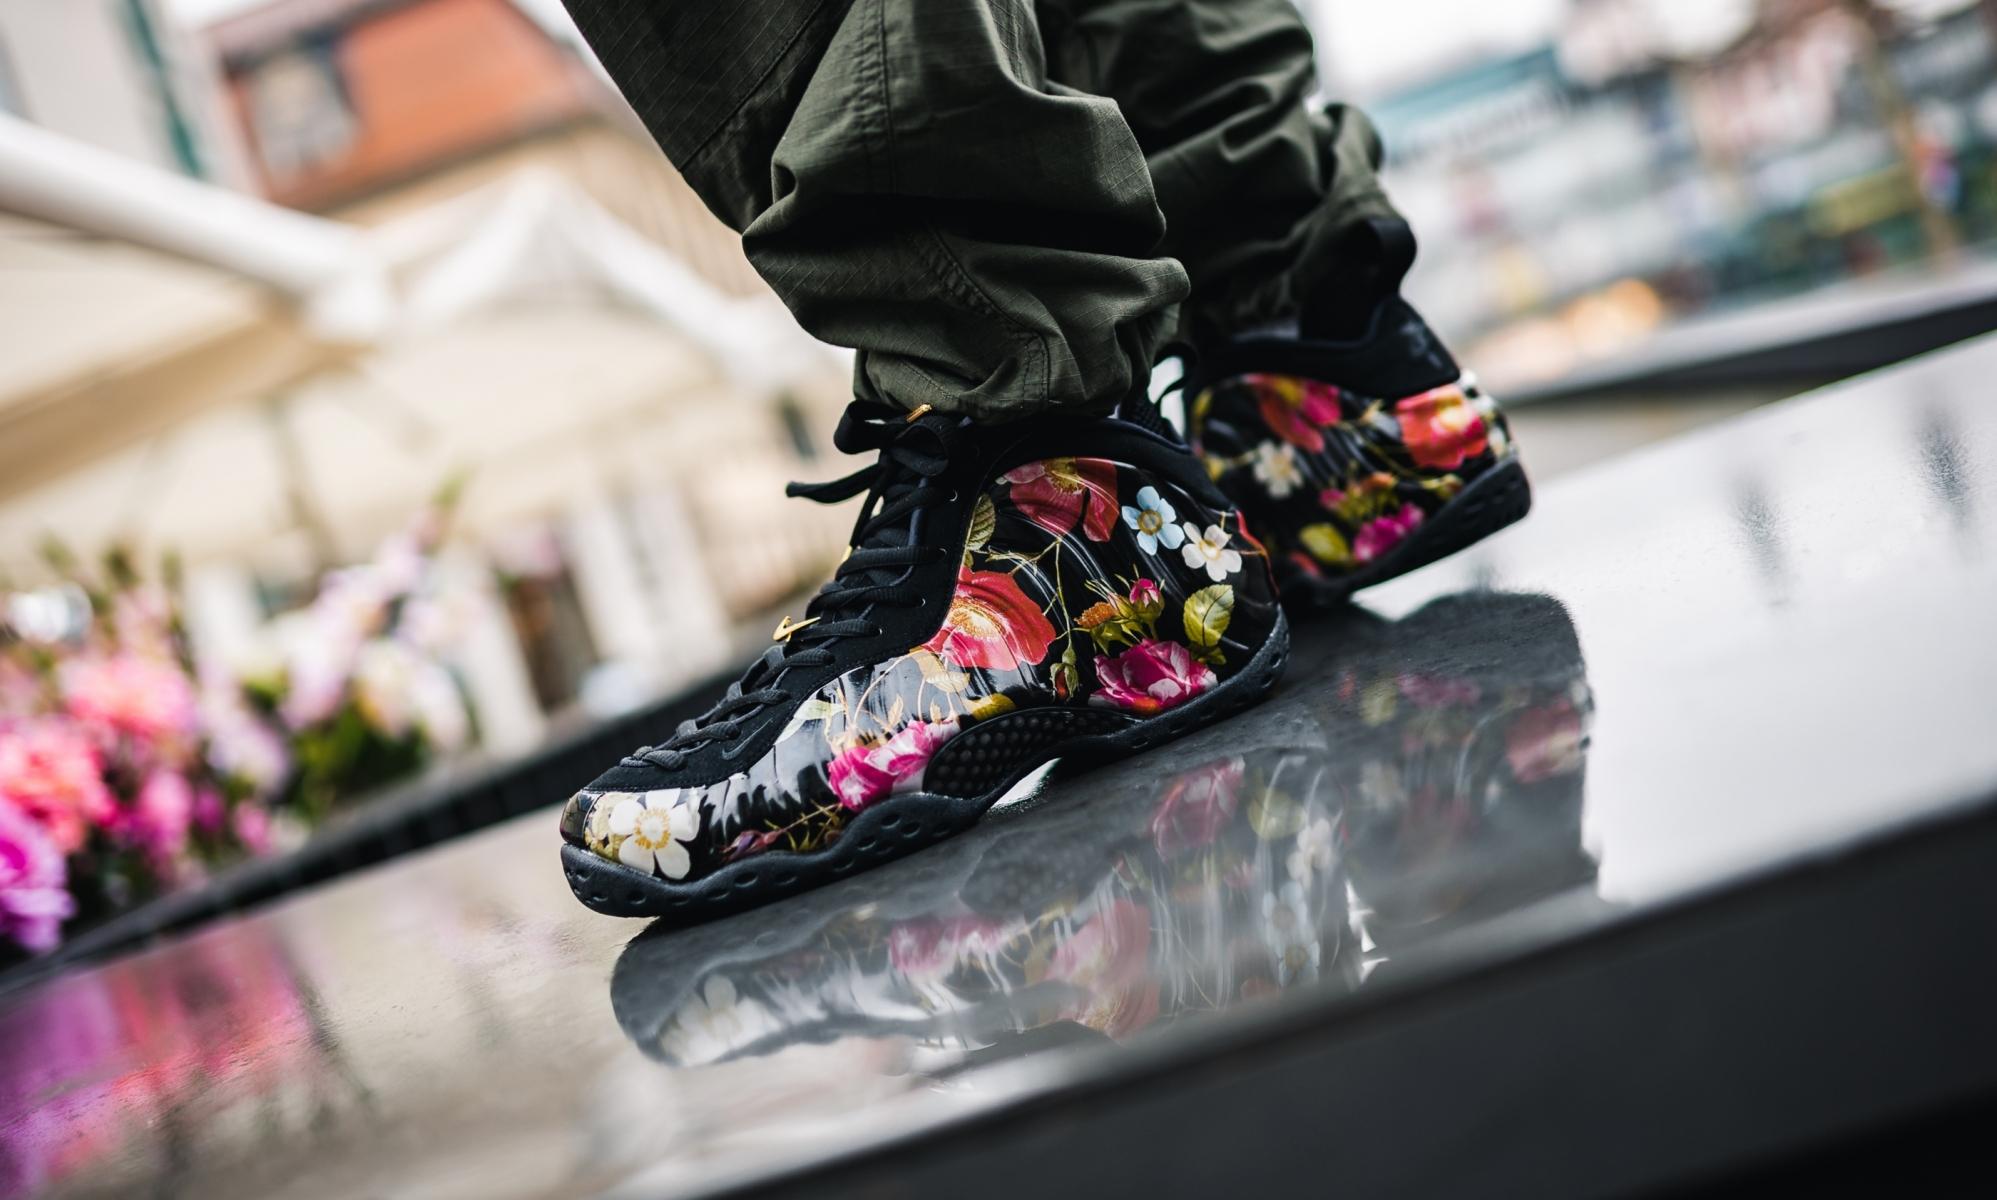 Nike Air Foamposite Oe Black Floral 314996-012